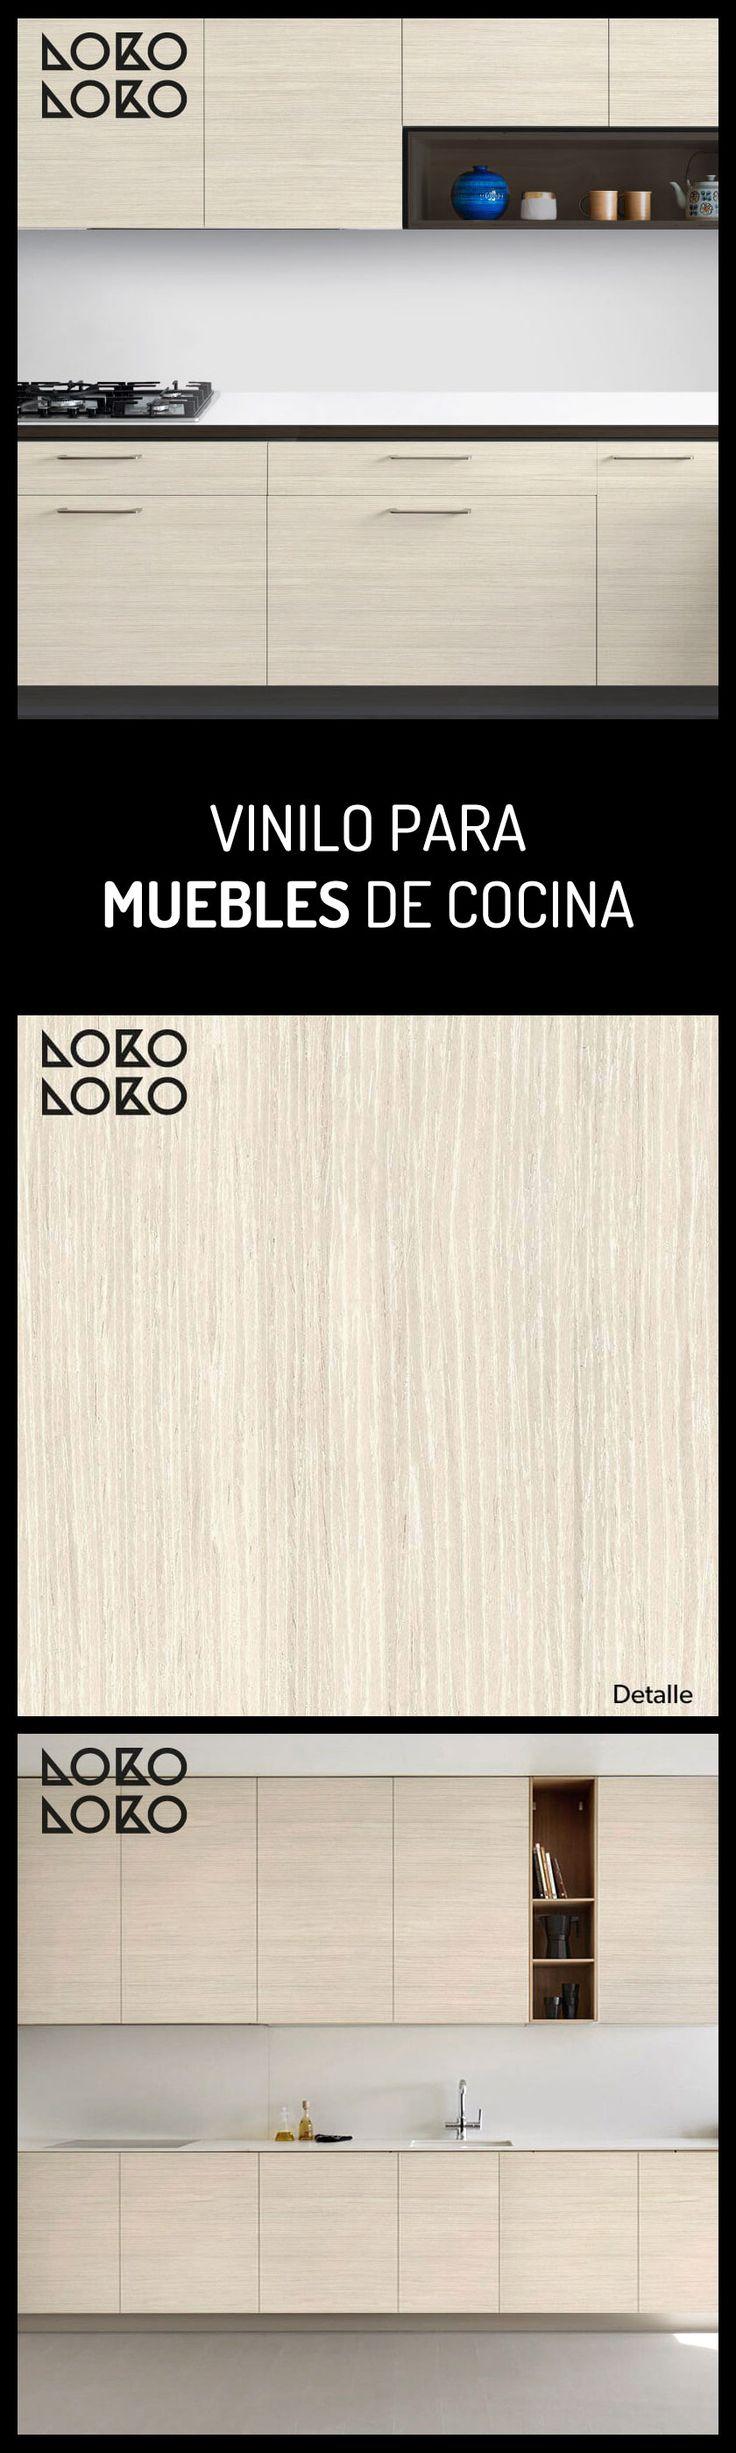 Vinilo para muebles y puertas de cocina. Textura imitada de madera nórdica para redecorar. #lokolokodecora